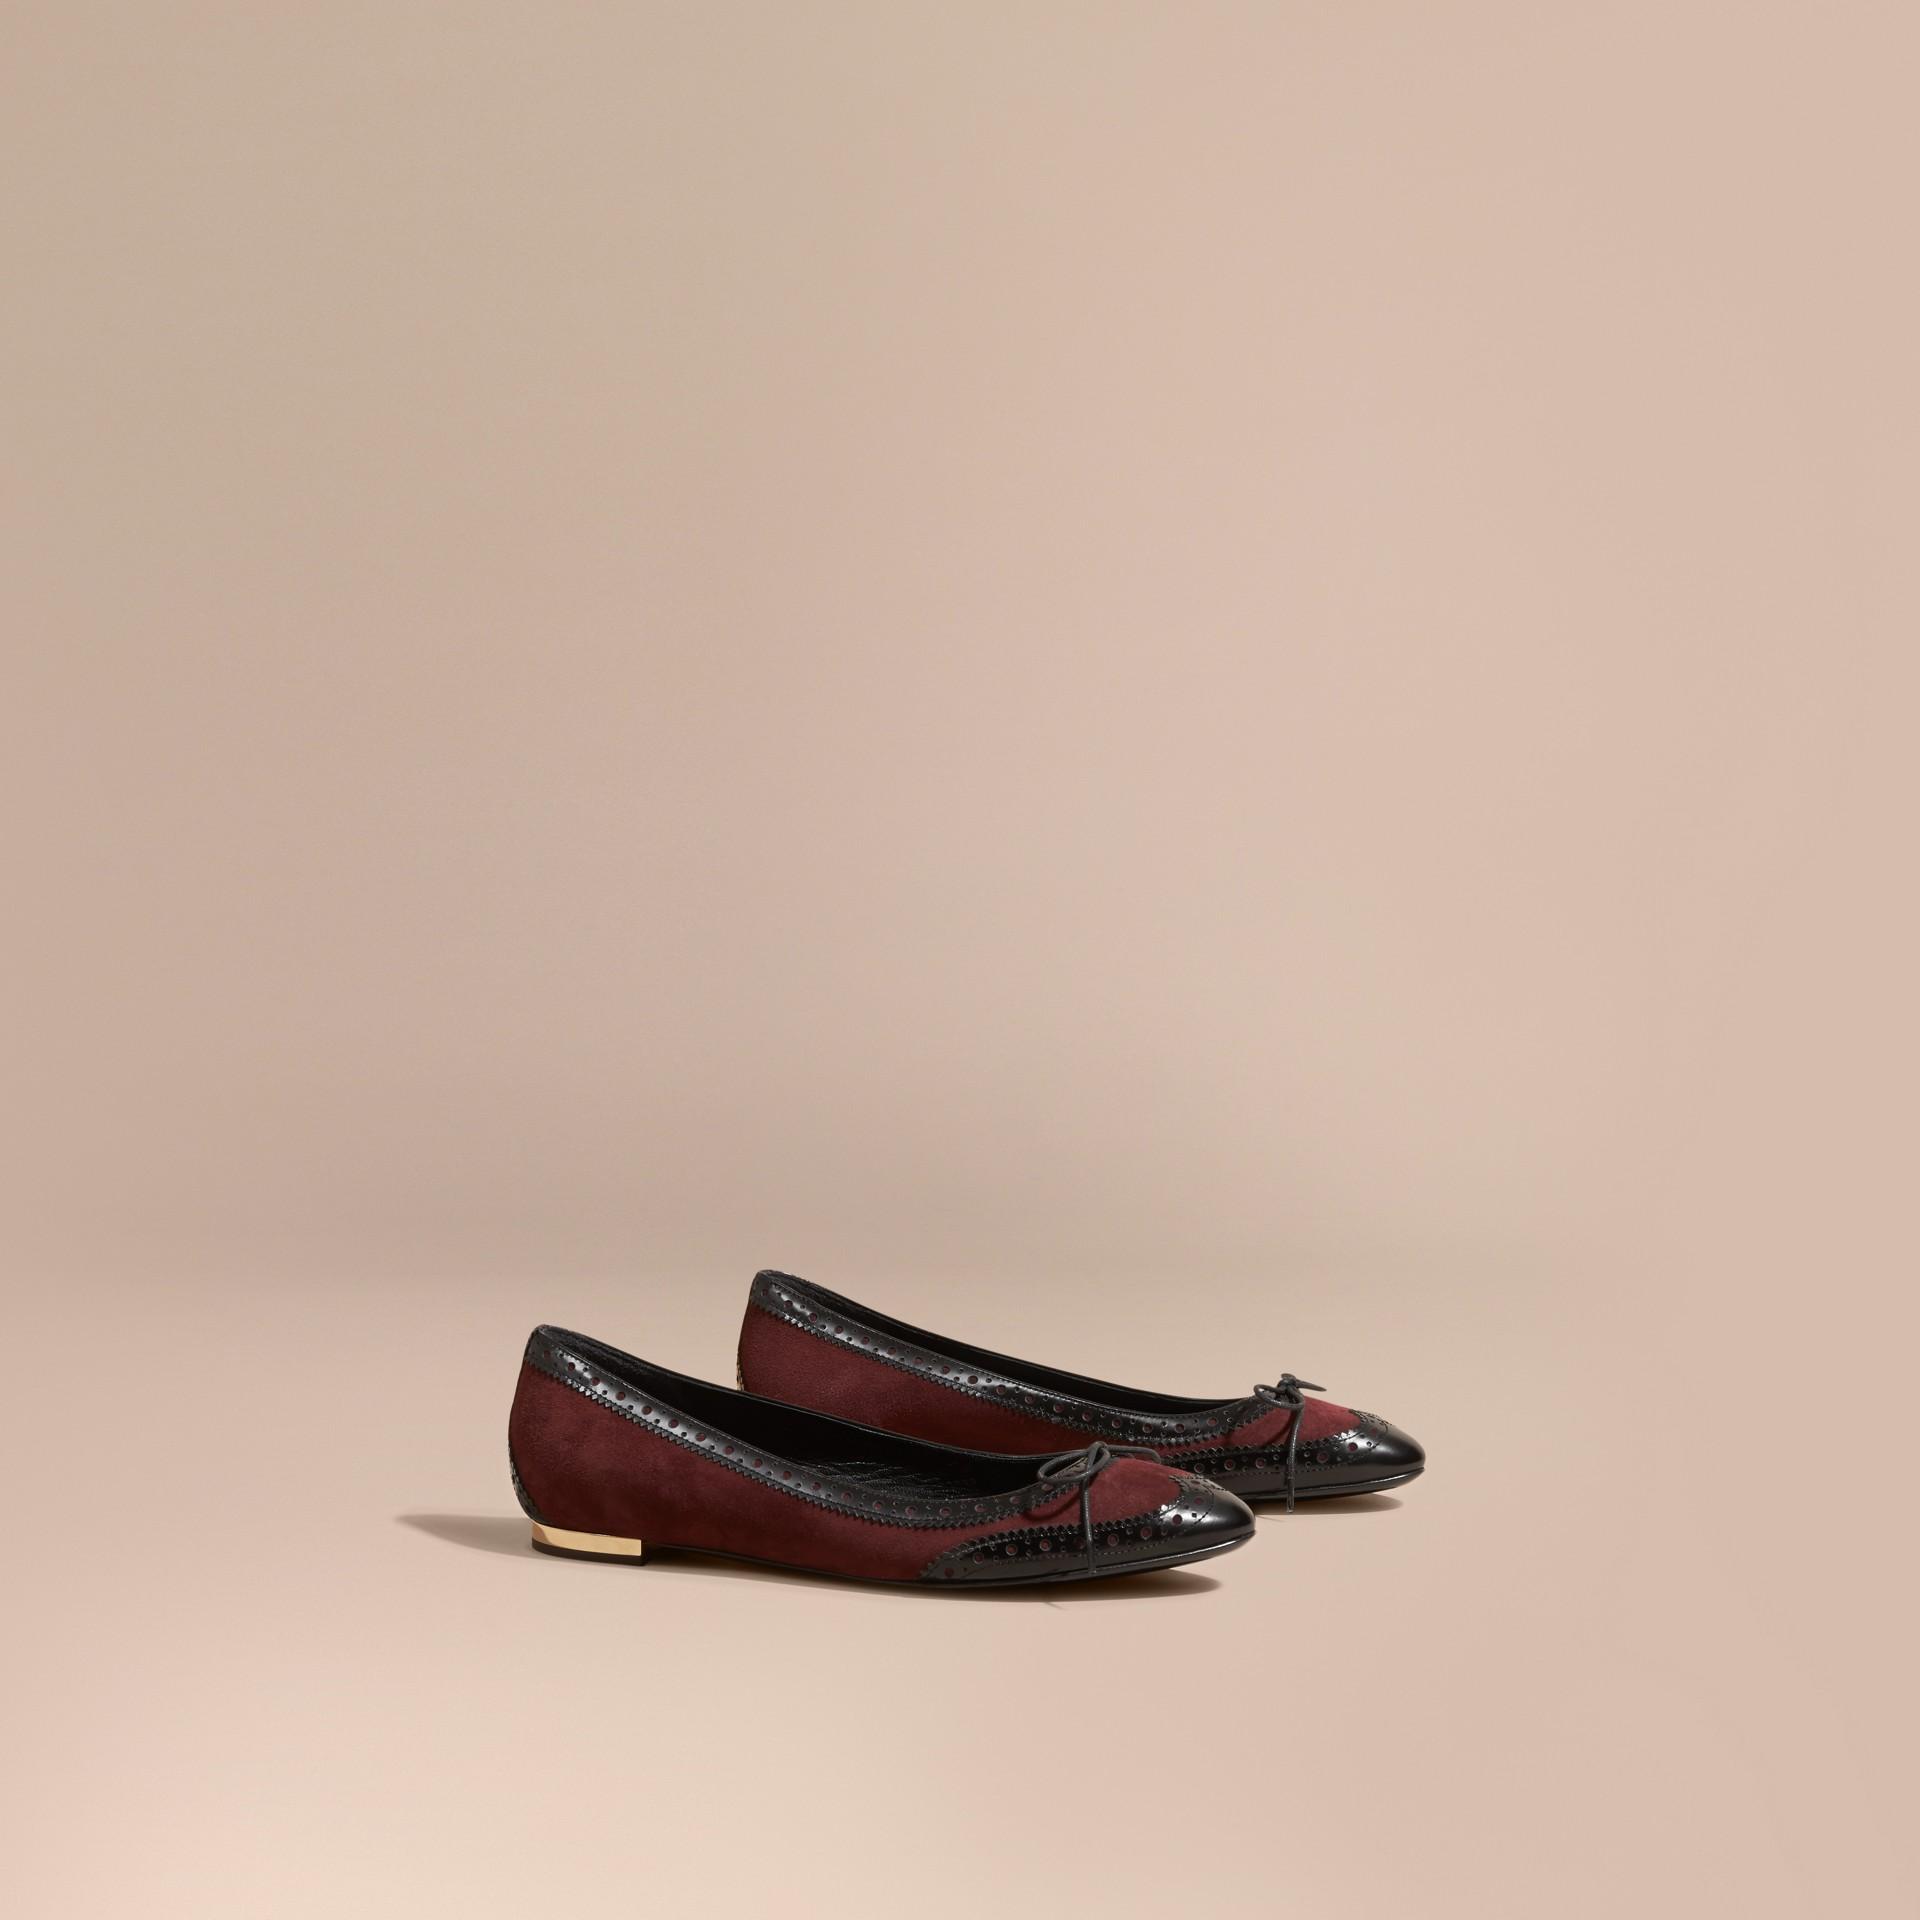 Rojo caoba Bailarinas en piel con detalles de estilo brogue - imagen de la galería 1